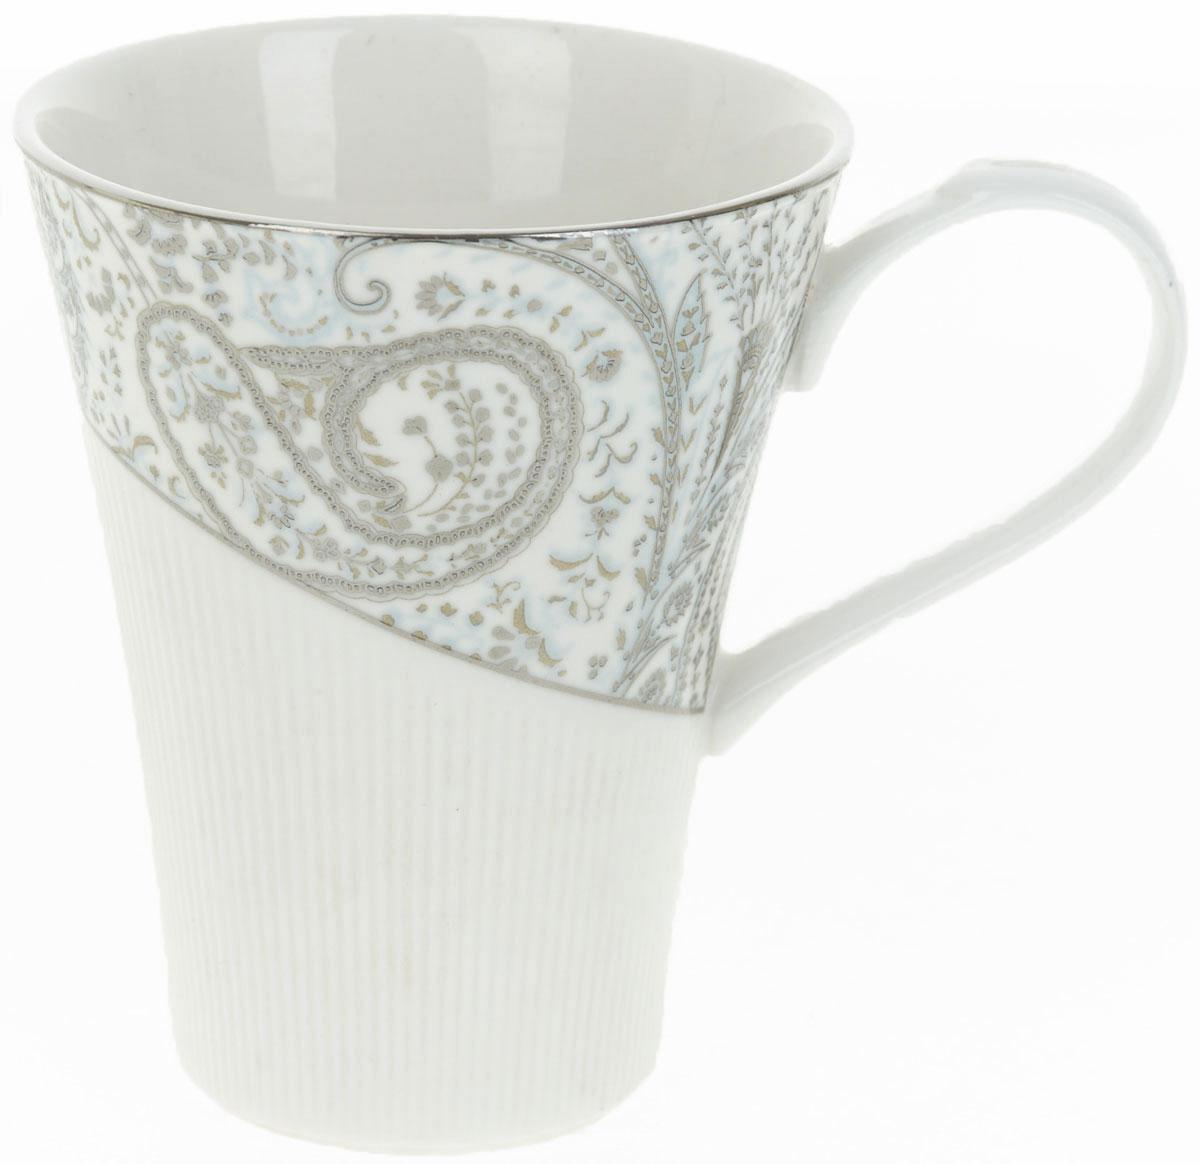 Кружка BHP Вавилон, 370 мл115610Оригинальная кружка Best Home Porcelain, выполненная из высококачественного фарфора, сочетает в себе простой, утонченный дизайн с максимальной функциональностью. Оригинальность оформления придутся по вкусу тем, кто ценит индивидуальность.Можно использовать в посудомоечной машине.